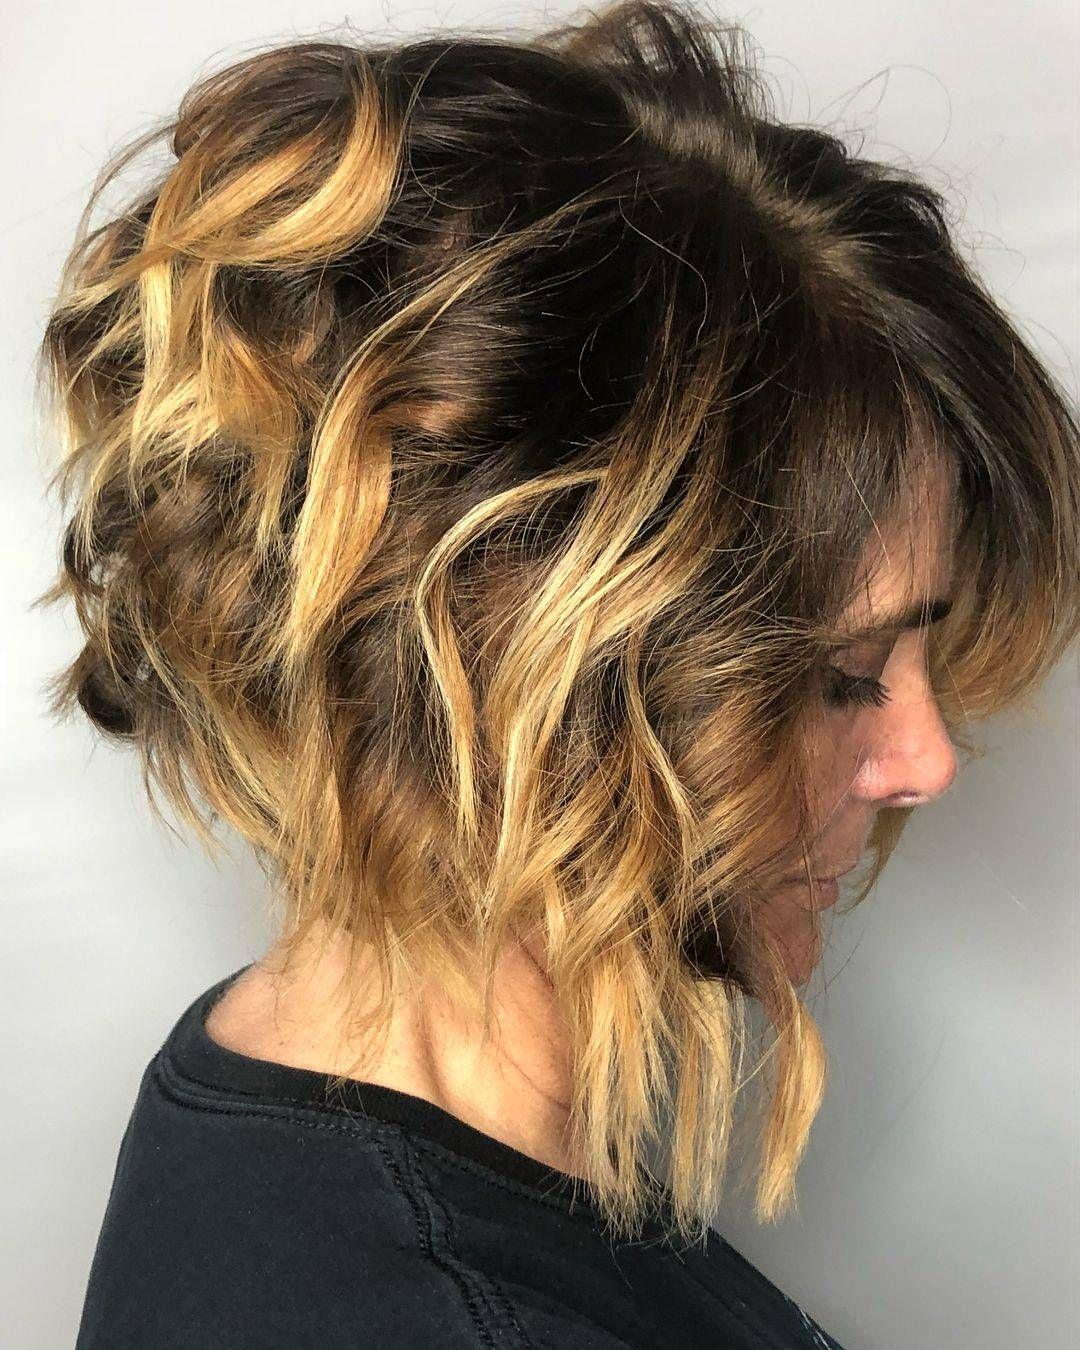 12+ Astonishing Women Hairstyles Popular Haircuts Round